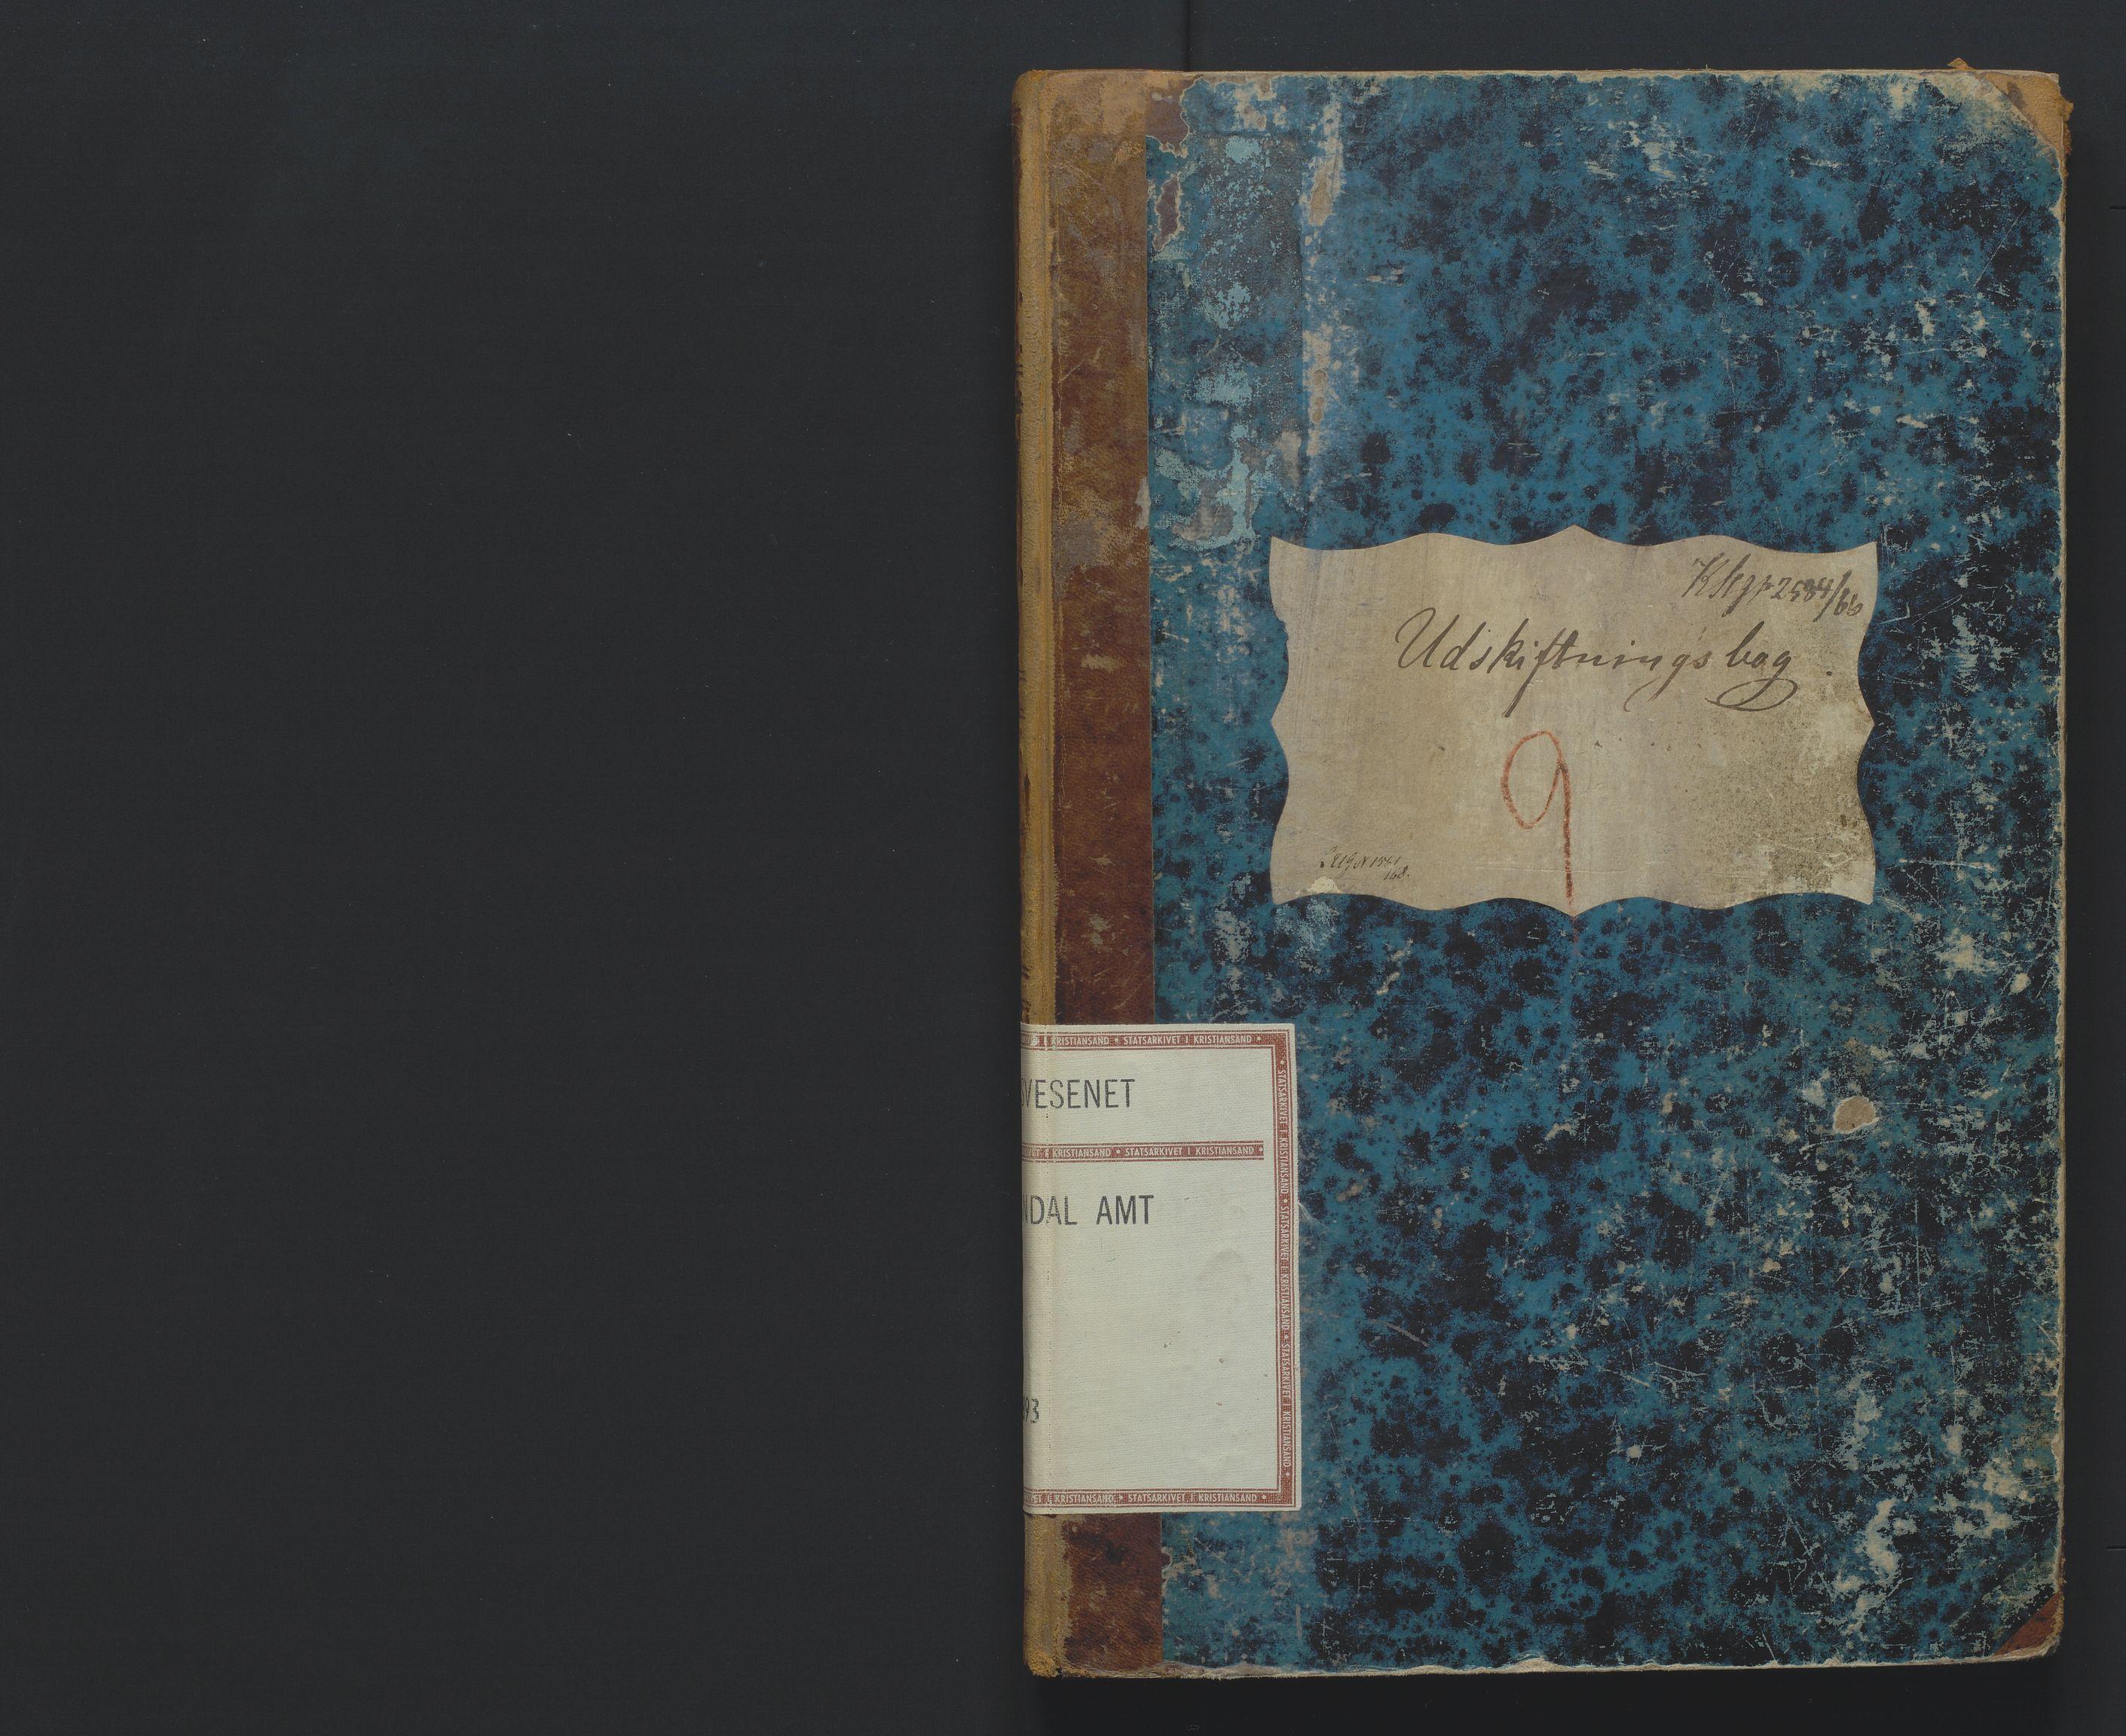 SAK, Utskiftningsformannen i Lister og Mandal amt, F/Fa/Faa/L0009: Utskiftningsprotokoll med register nr 9, 1864-1893